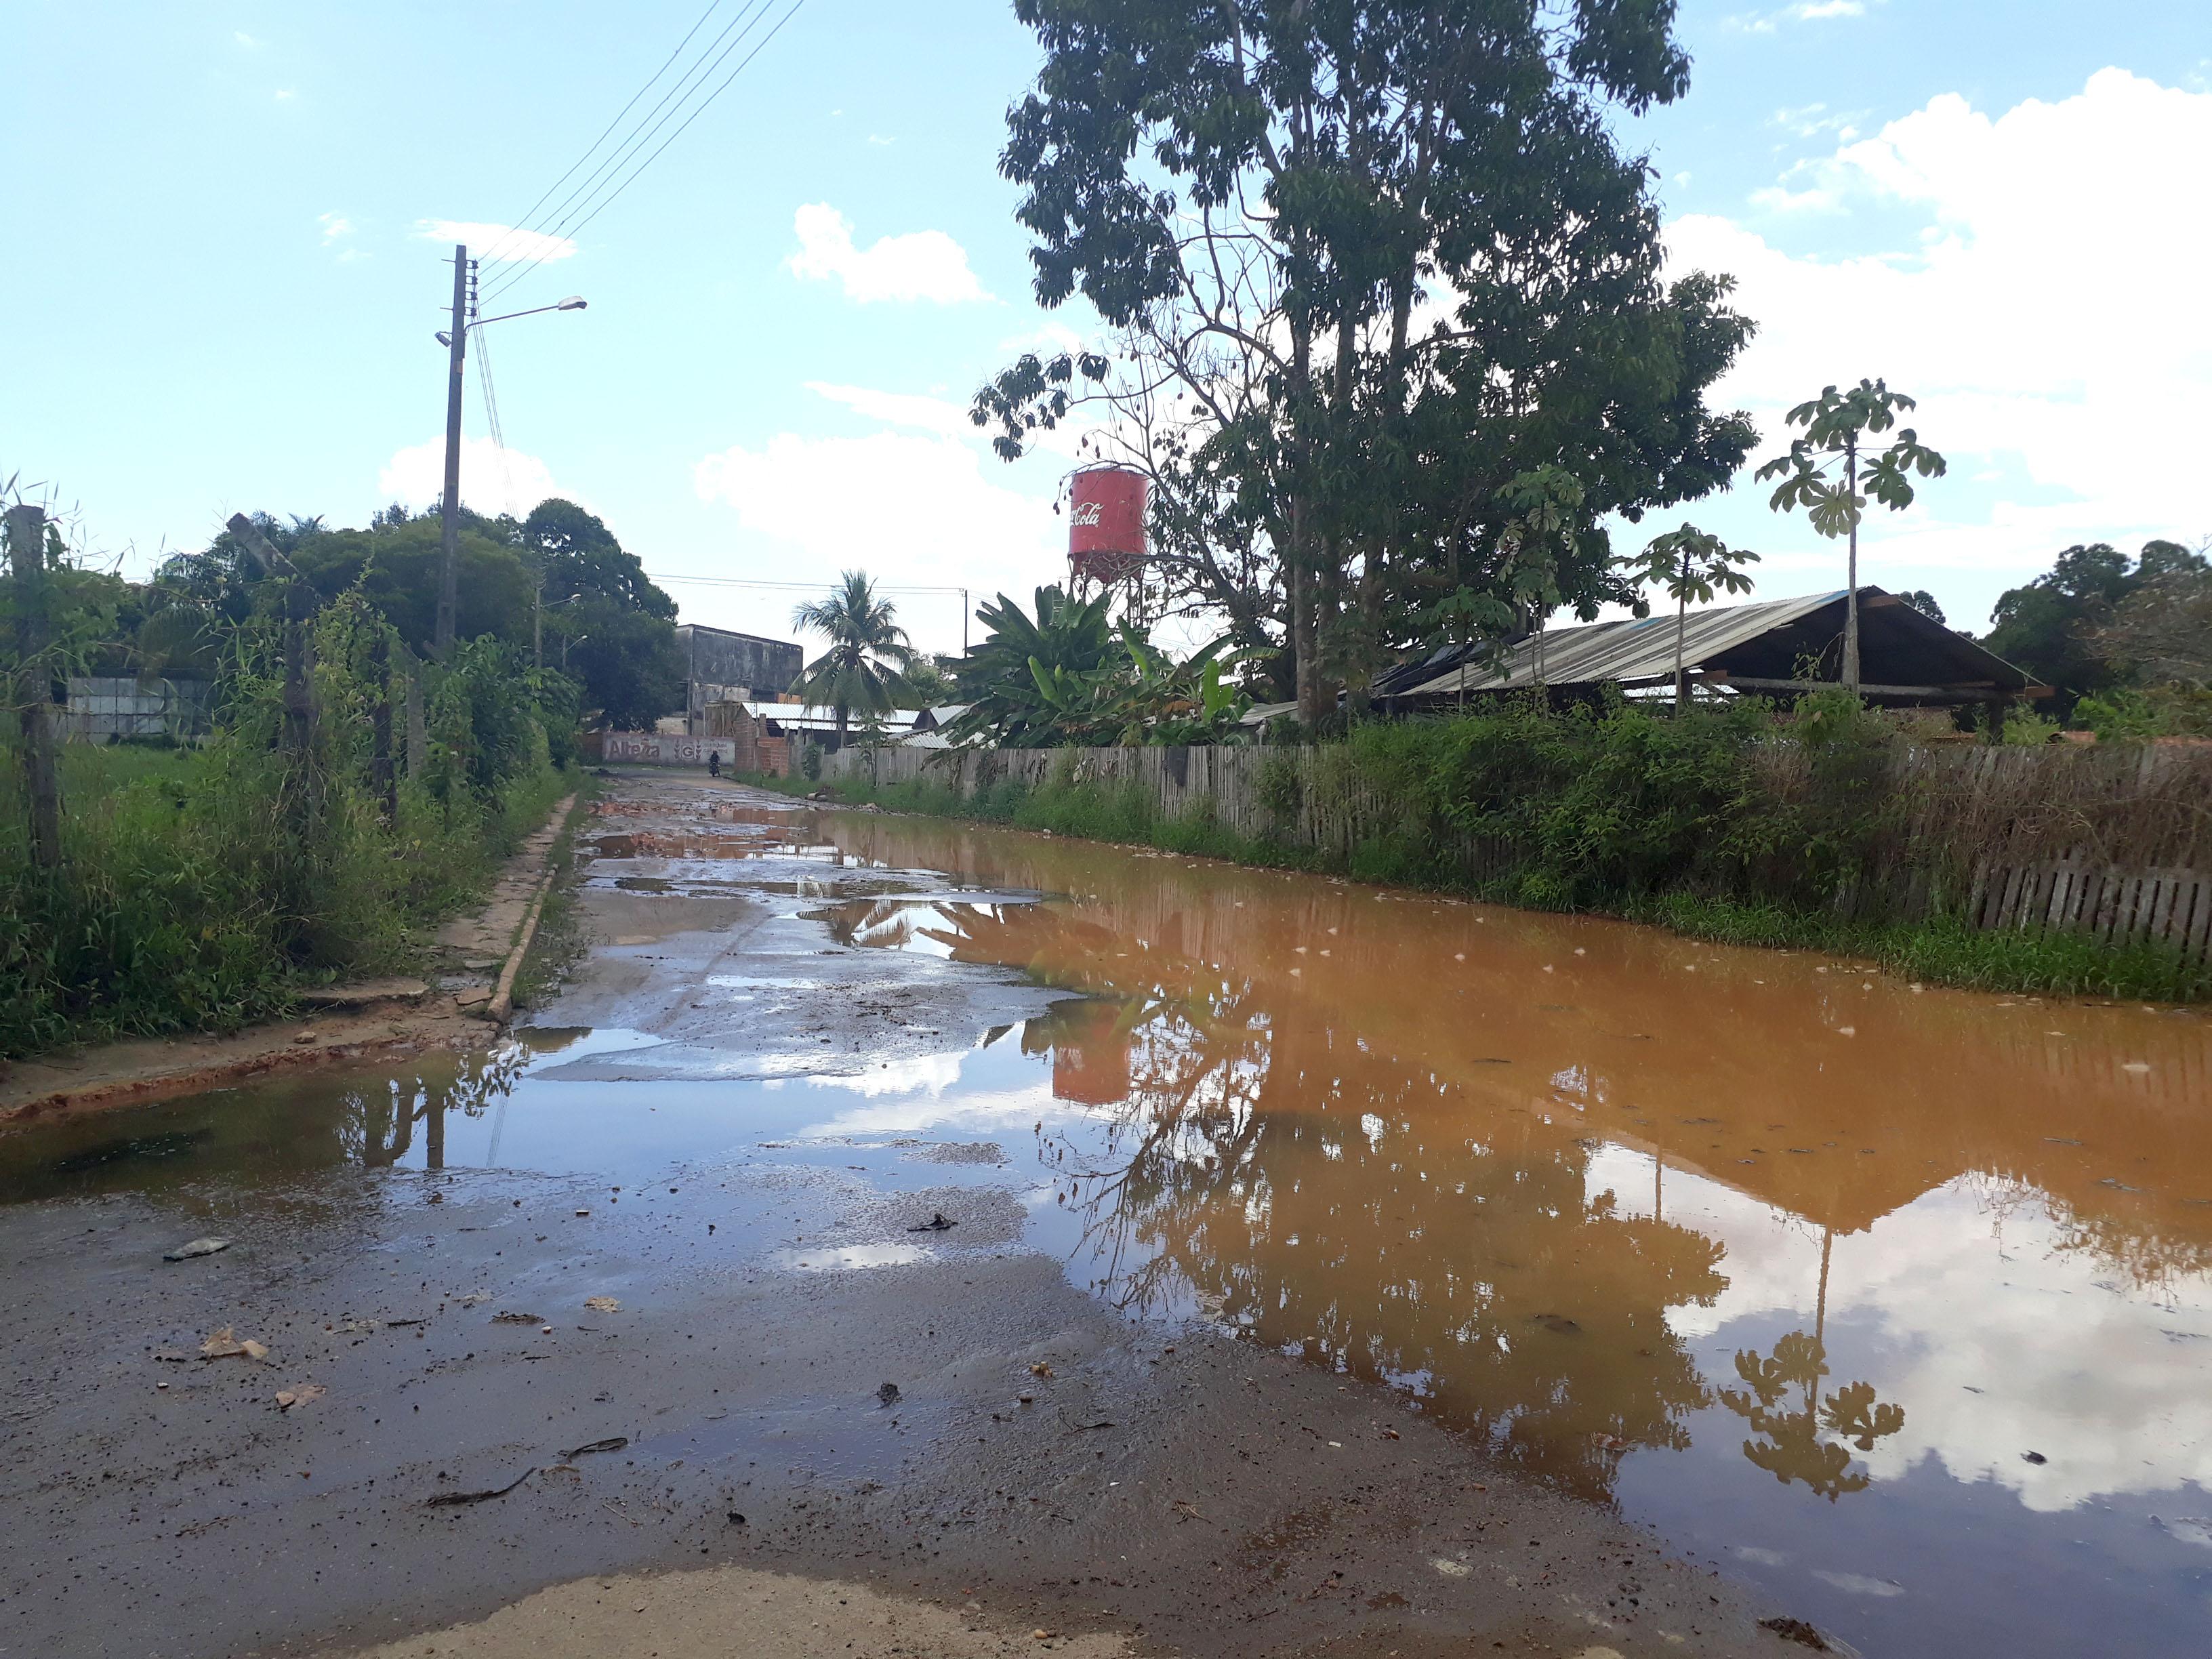 Rua esburacada e com lama - 12-07-2019 (Josiete Serrão)